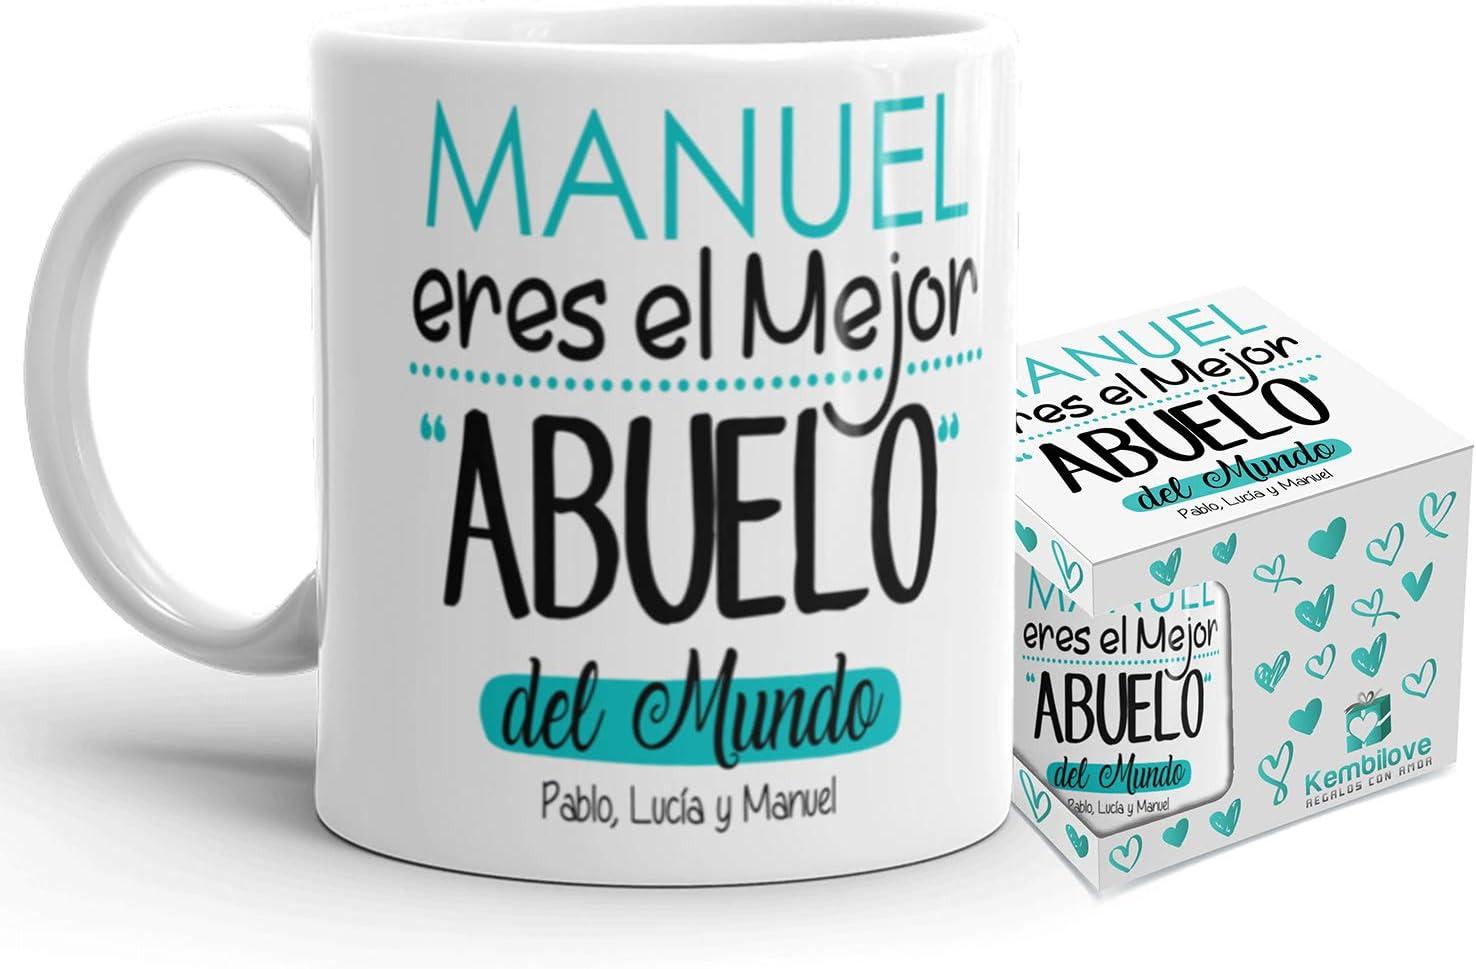 Kembilove Taza de Café Abuelo – Taza de Desayuno Eres el Mejor Abuelo del Mundo – Taza de Café y Té para Abuelos – Taza de Cerámica Impresa – Tazas de de 350 ml – Regalo Original Abuelo